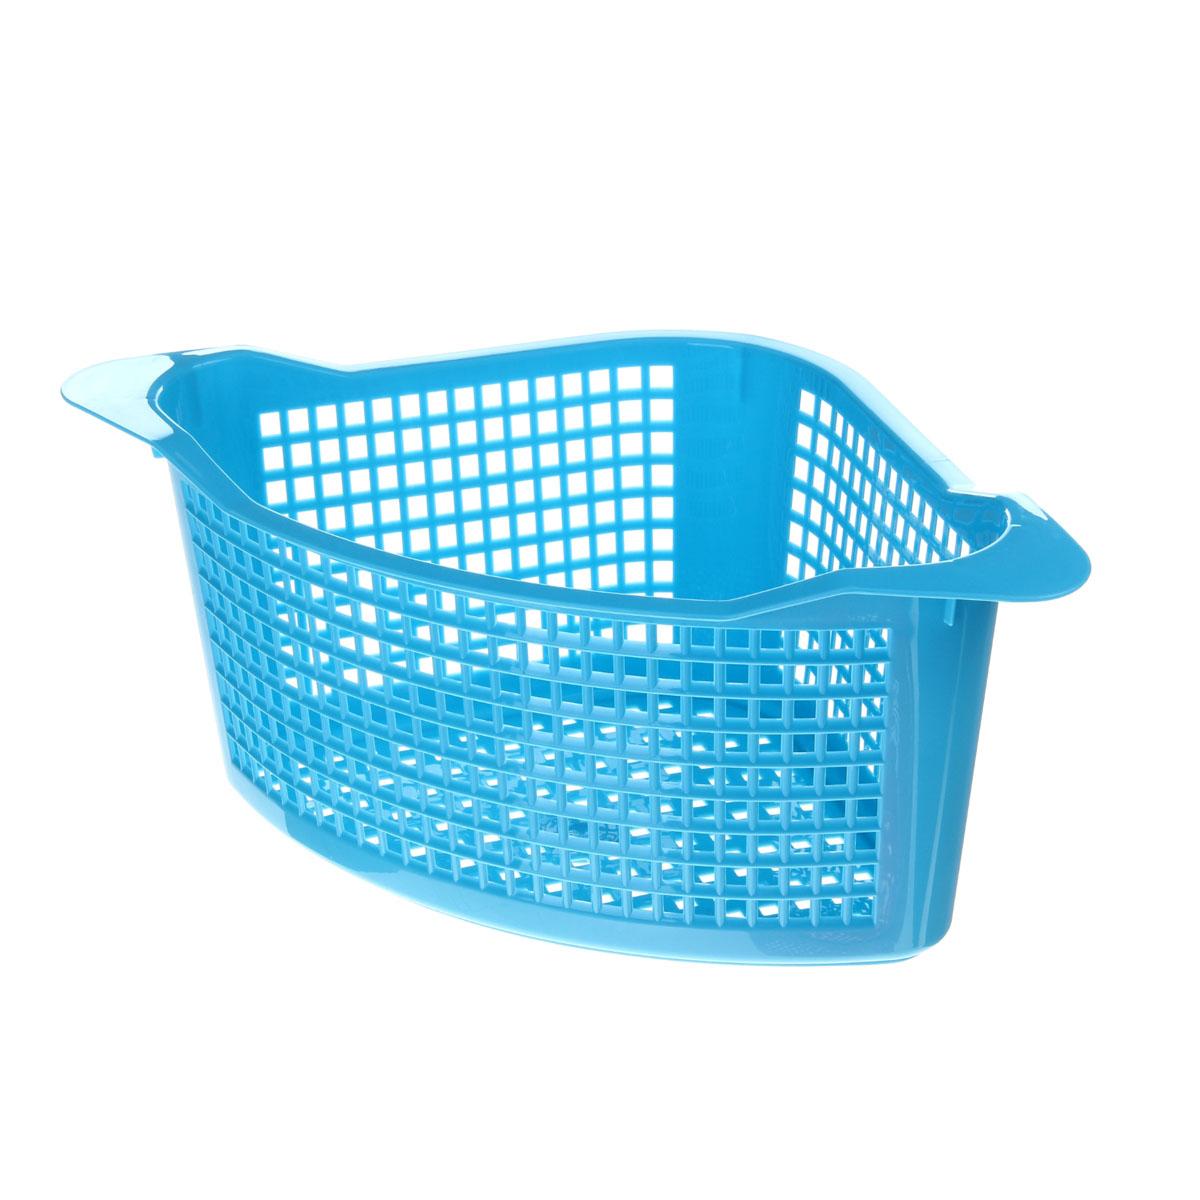 Корзинка универсальная Econova, угловая, цвет: голубой, 29 х 18 х 12 смБрелок для ключейУниверсальная угловая корзинка Econova изготовлена из высококачественного пластика с перфорированными стенками и дном. Такая корзинка непременно пригодится в быту, в ней можно хранить кухонные принадлежности, специи, аксессуары для ванной, канцелярию и другие бытовые предметы.